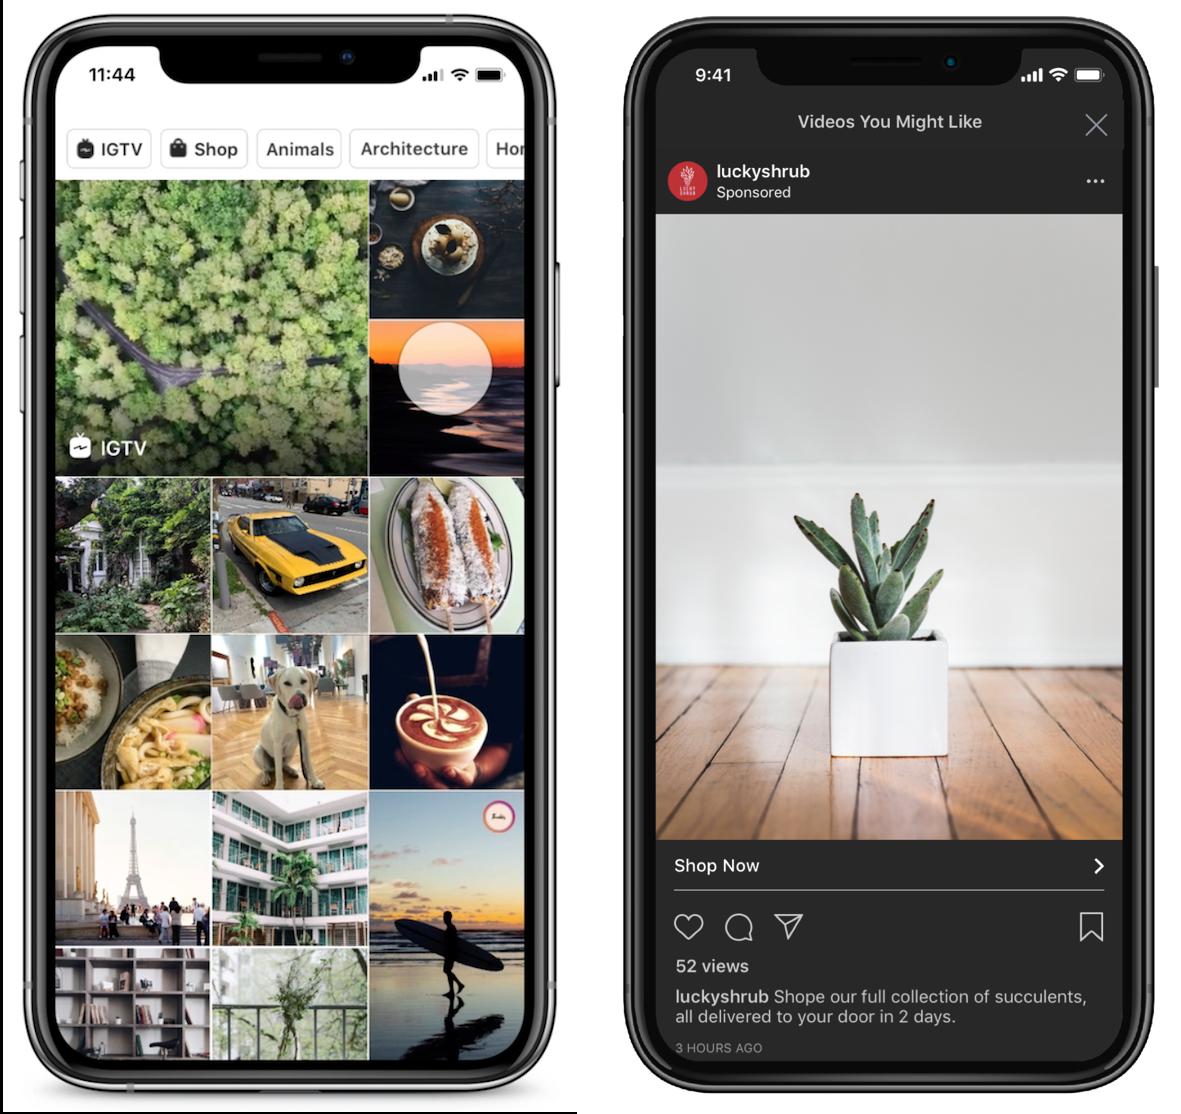 Instagram Ads In Explore Tab